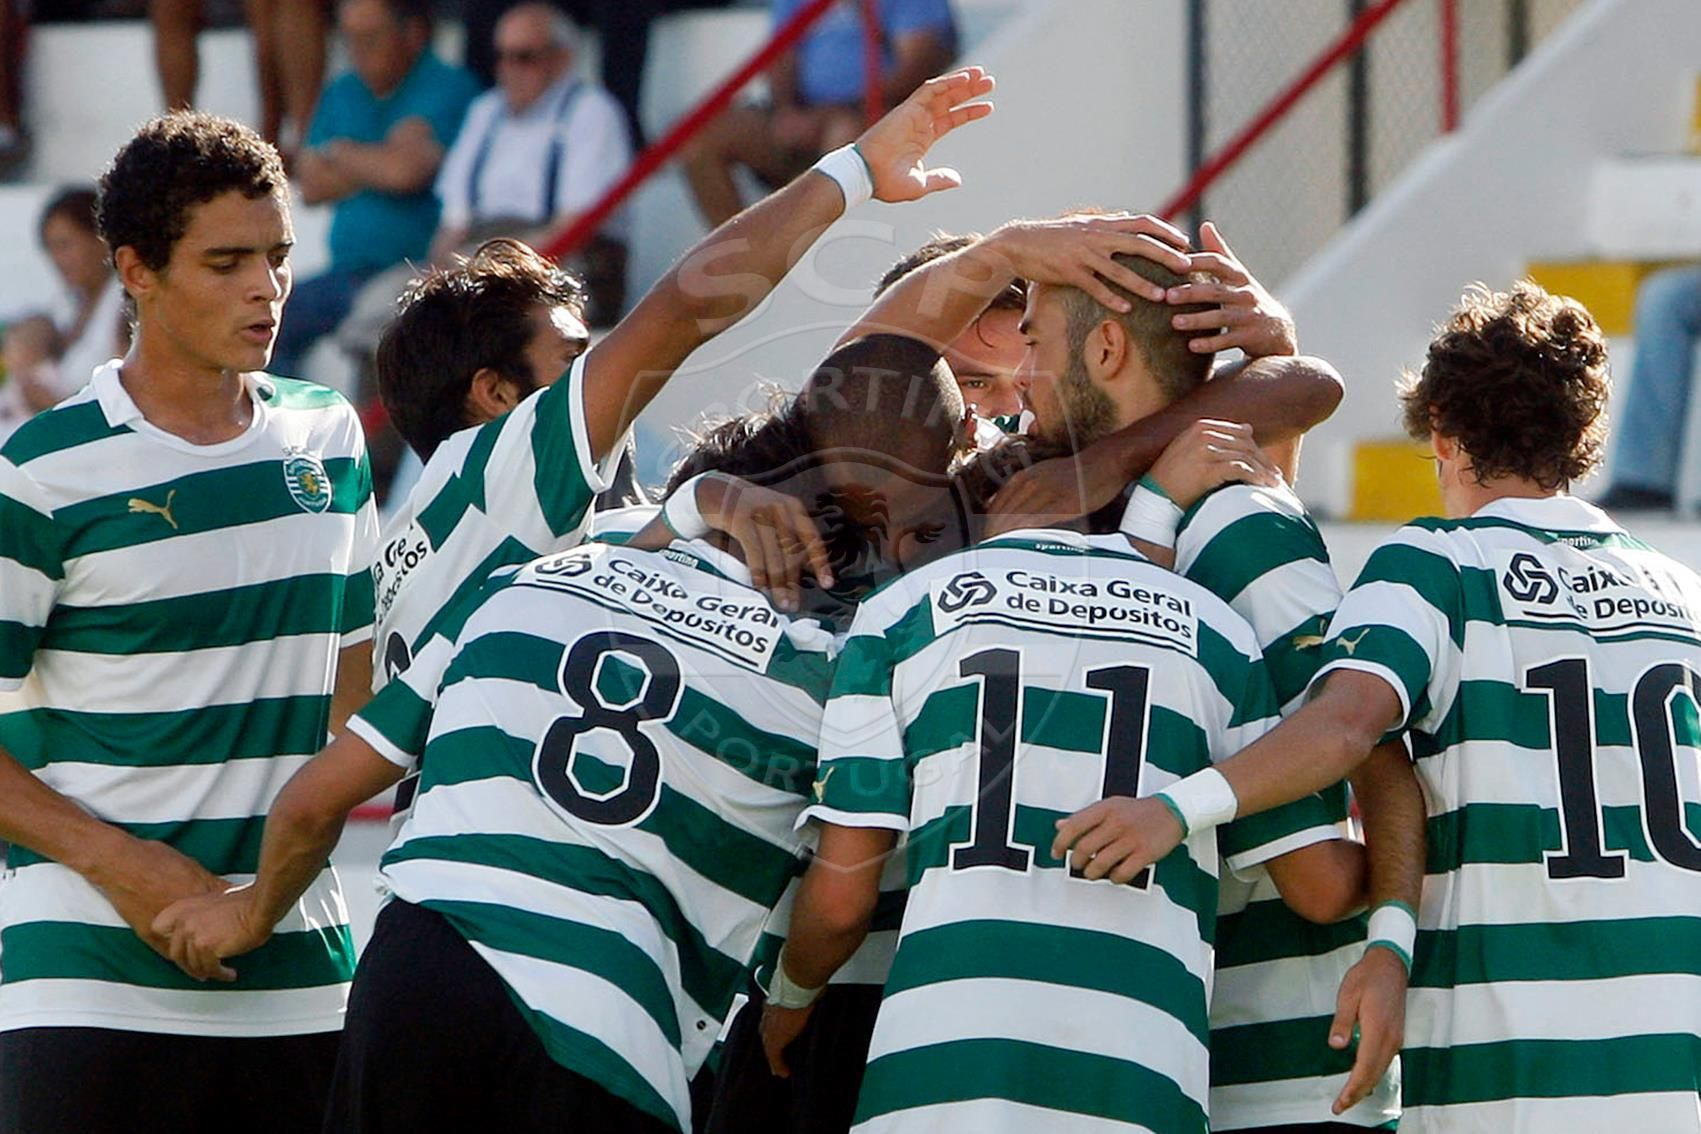 SPORTING > O Sporting conquistou, este sábado, o título de juniores ao vencer o Vitória de Guimarães por 3-1